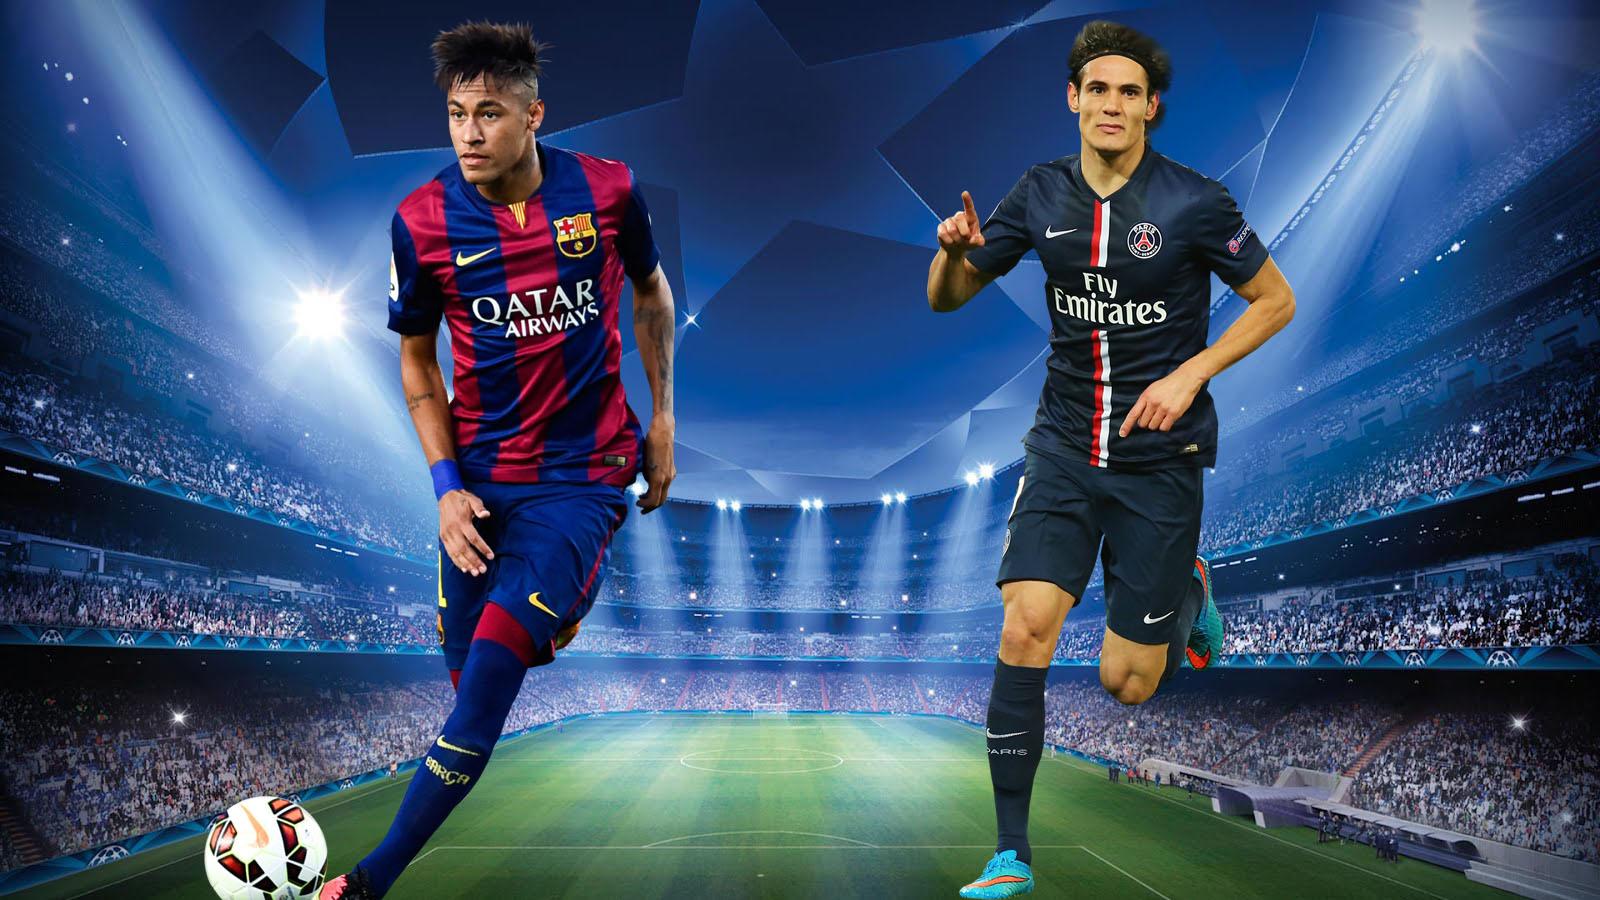 Hasil gambar untuk barcelona vs psg